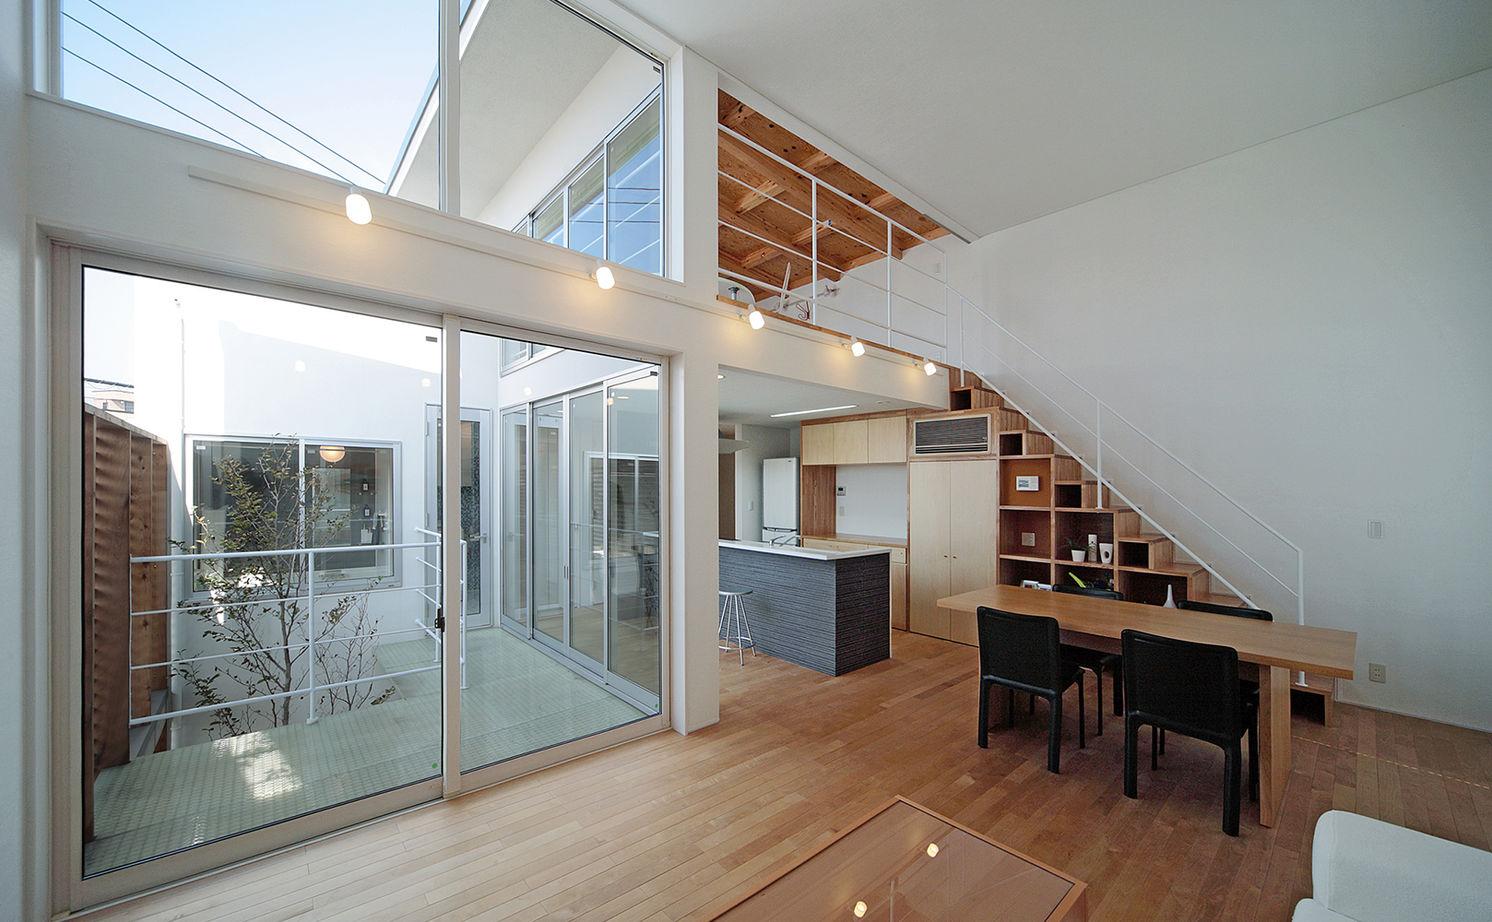 【1690万円/28坪/間取り有】外に閉じ、中庭やテラスから光を取り入れる。周囲を気にせず寛げる家画像1